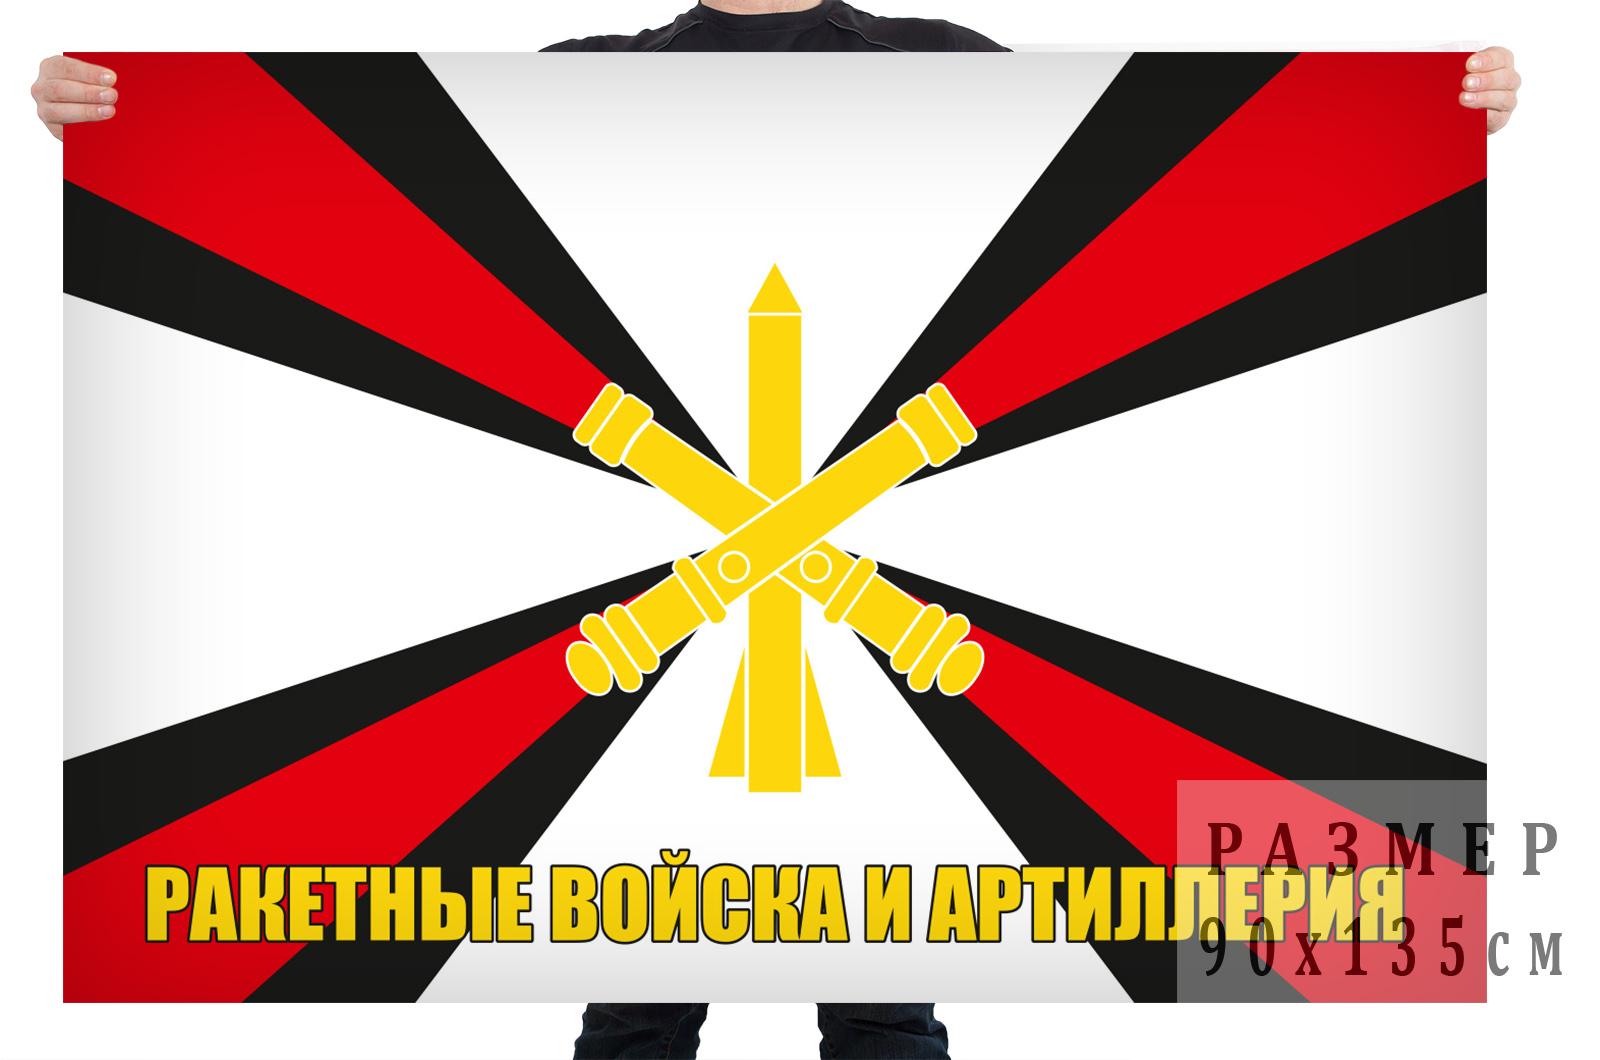 Флаг ракетных войск и артиллерии России